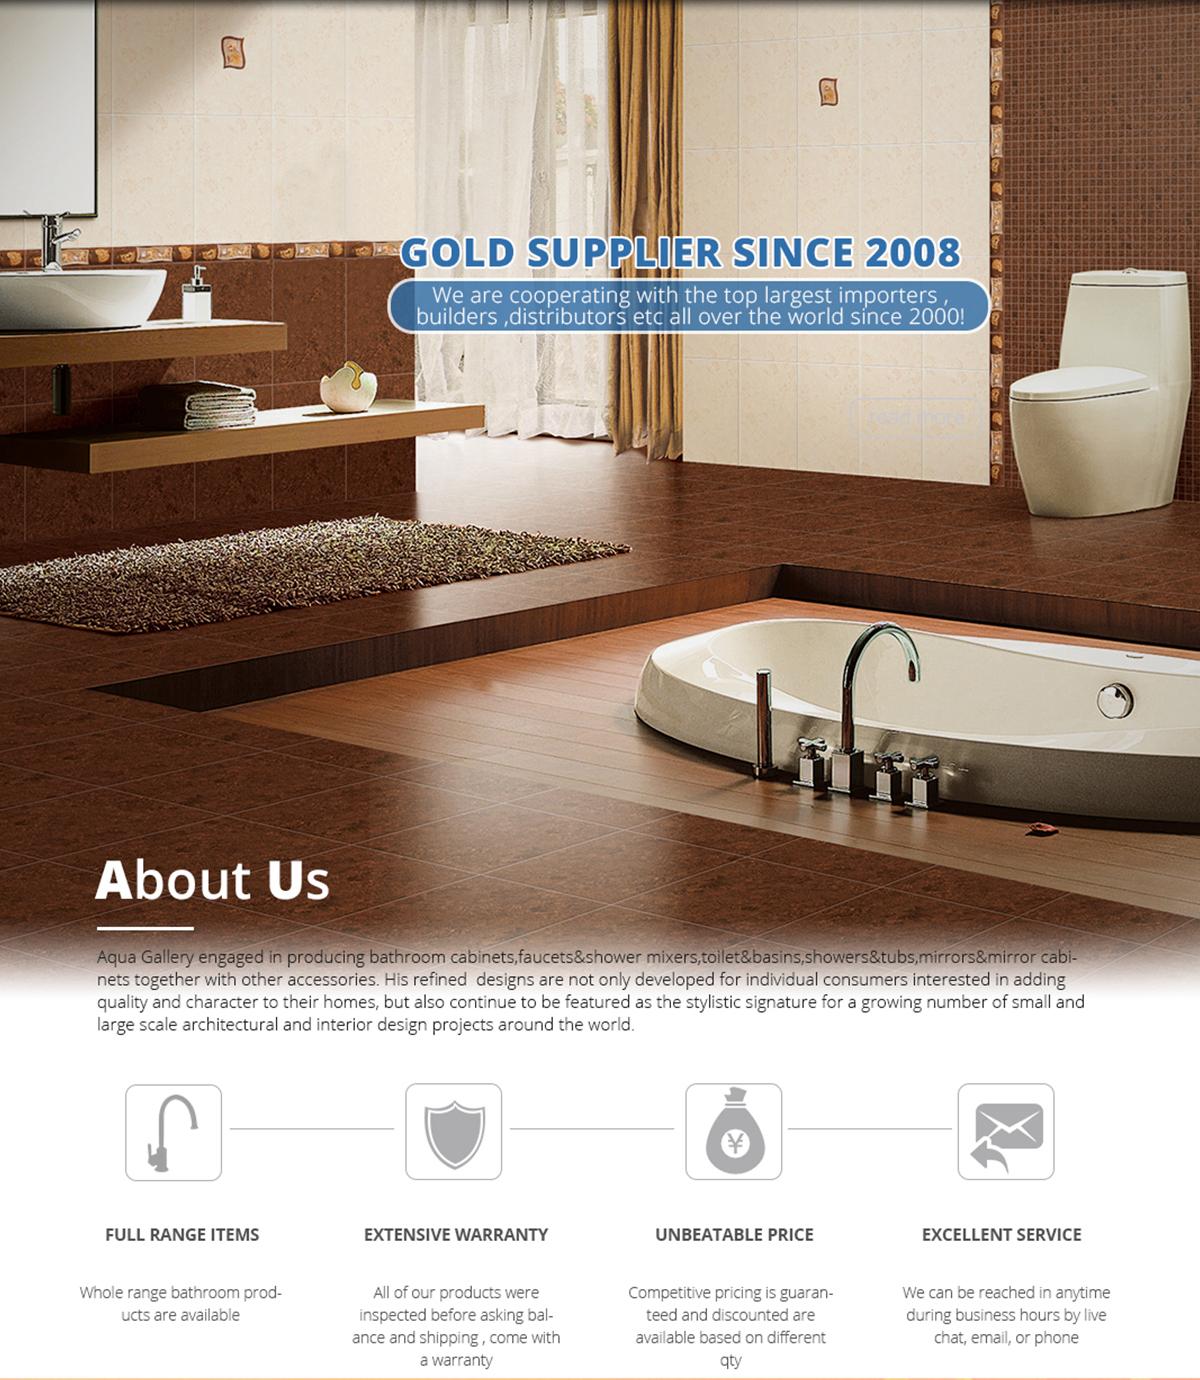 Fo Shan Aqua Gallery Co.,Ltd - Bathroom Cabinet, Faucets&Shower Mixers